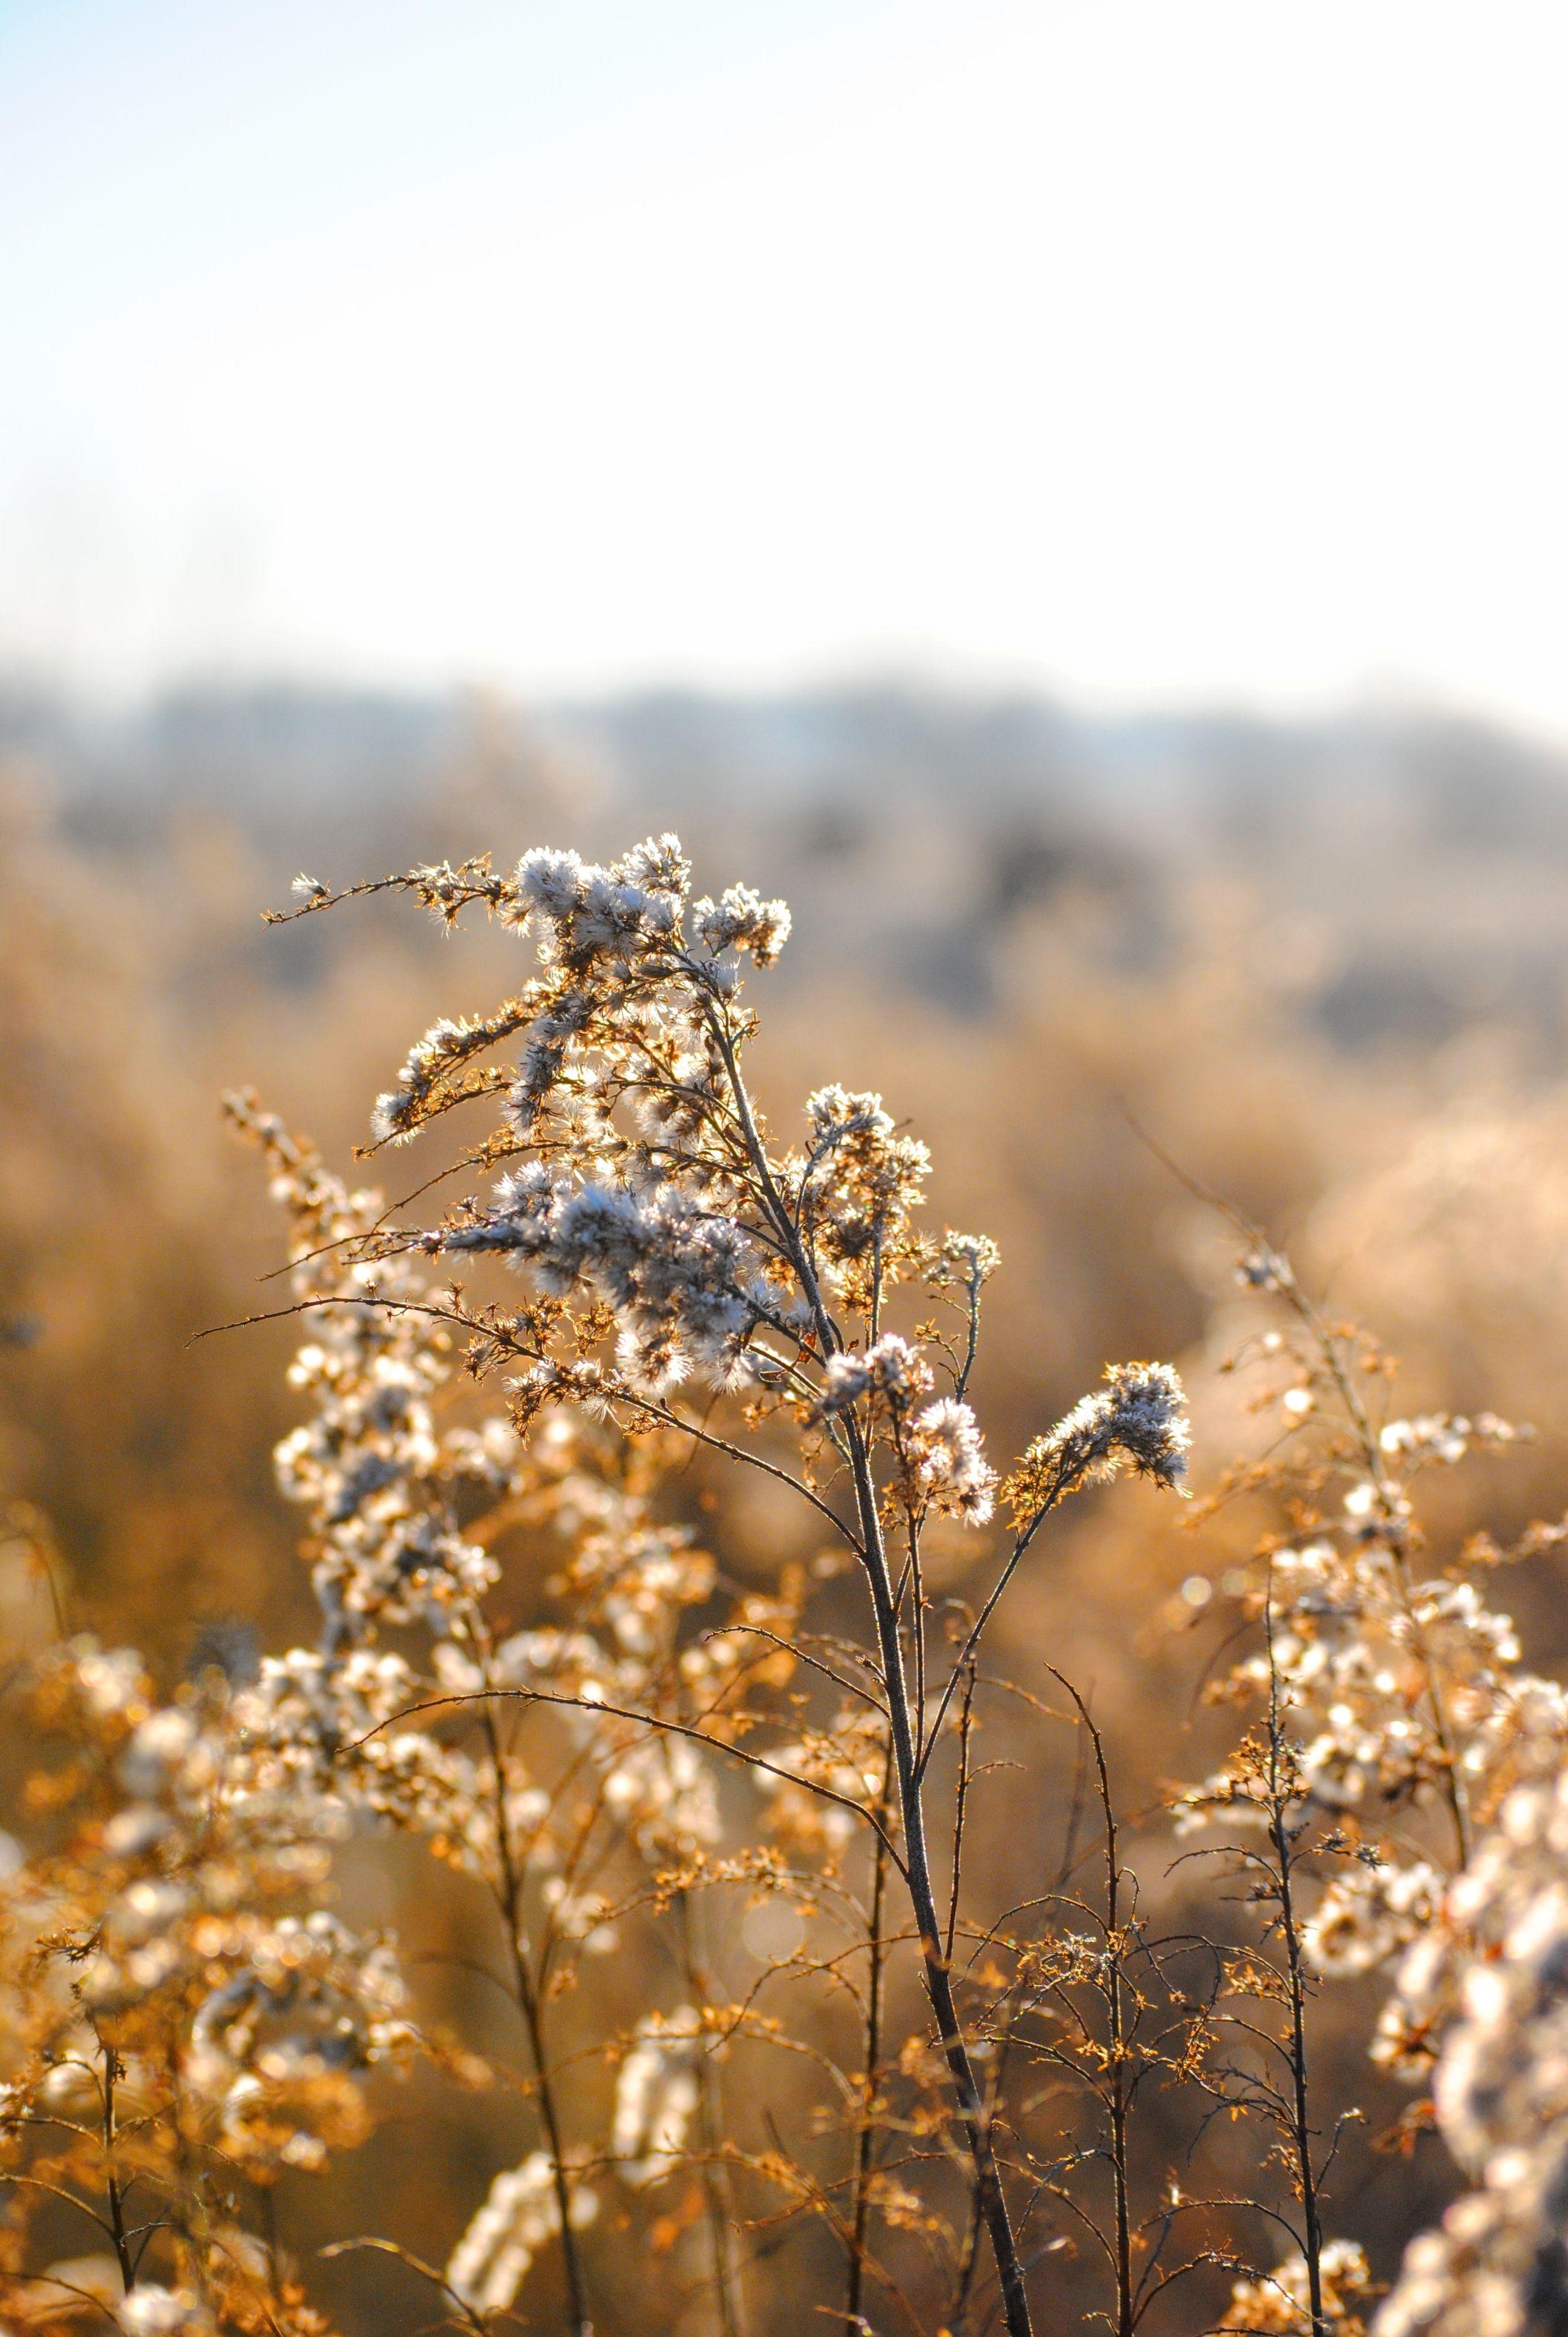 природа, солнце, рассвет, поле, зима, умеренный климат, золотой, лето, трава, цветок, иней, закат, нет человек, сорняк, снег